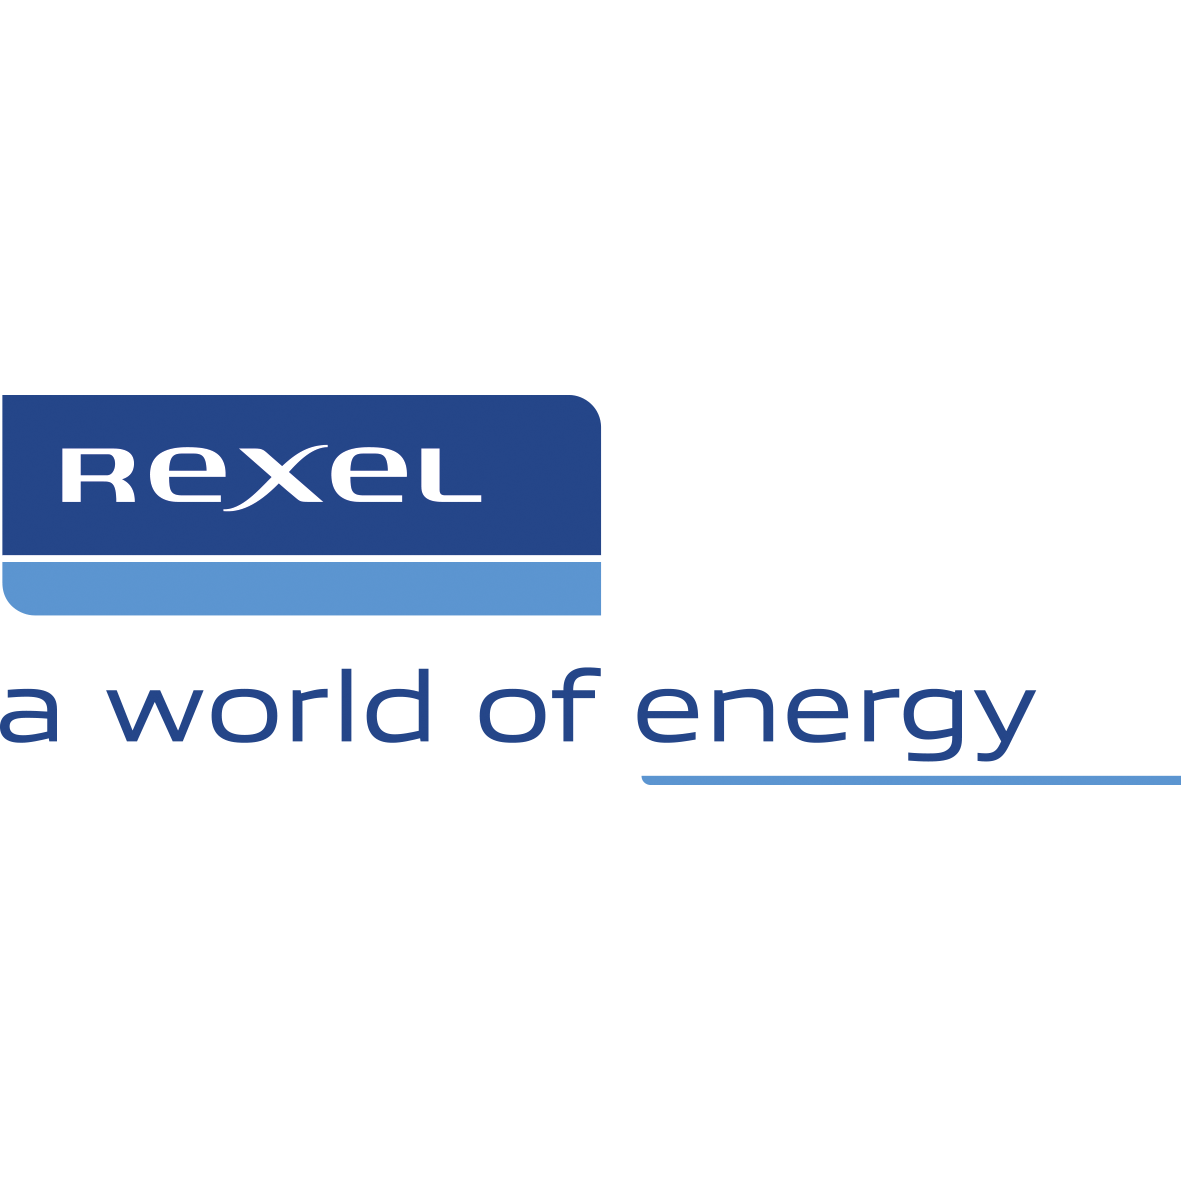 Rexel Germany - Ihr Elektrogroßhandel vor Ort & Online. Lokale Nähe und internationale Kompetenz.